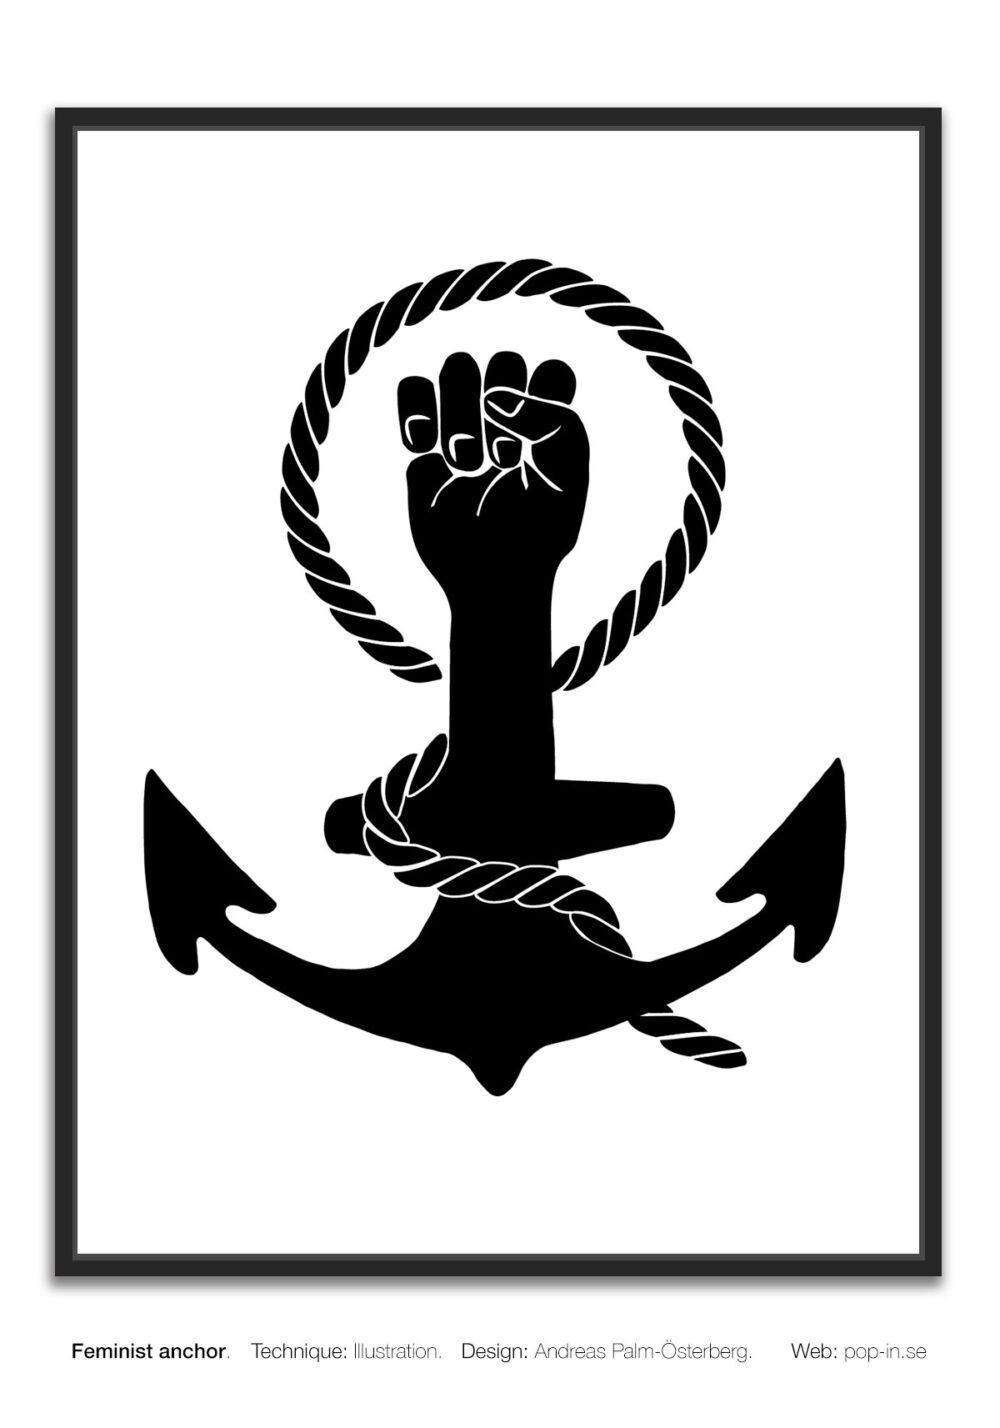 Feminist anchor framed